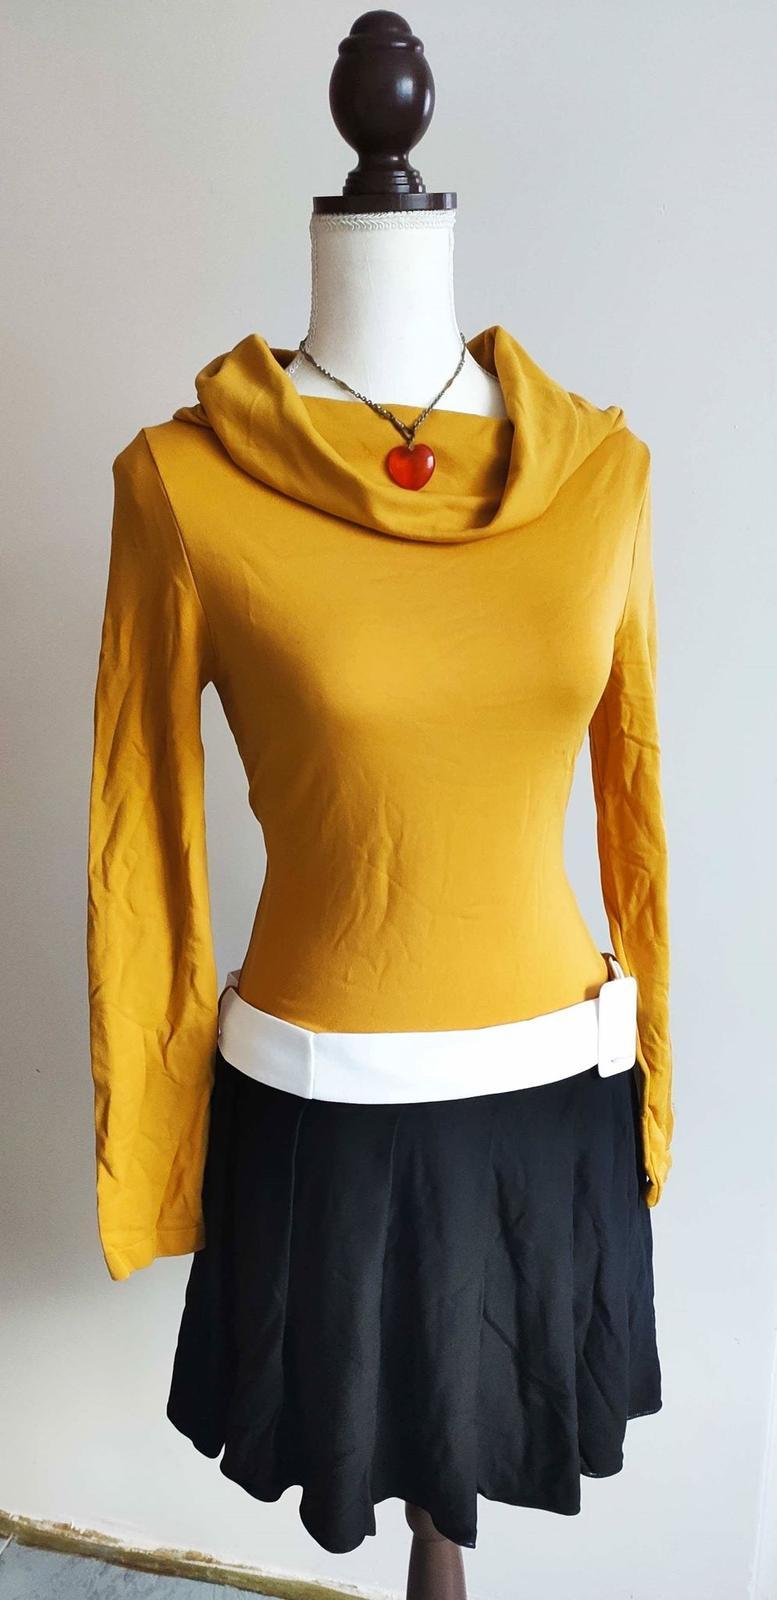 Žlutočerné šaty v retro stylu - Obrázek č. 1